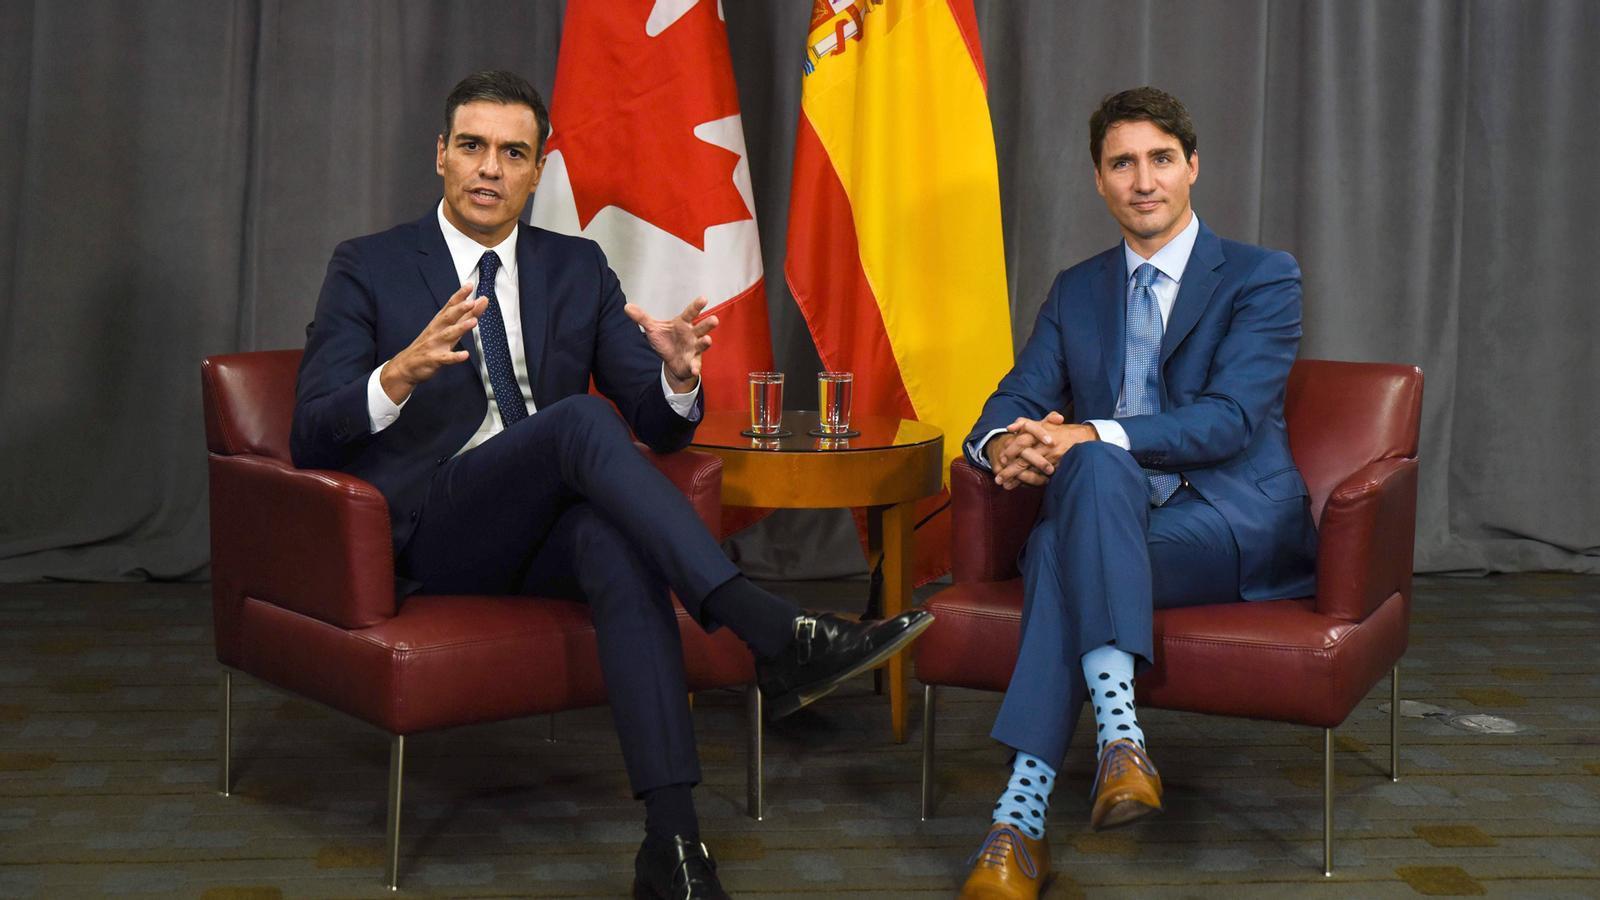 L'anàlisi d'Antoni Bassas: 'Trudeau menciona a Sánchez els drets humans'